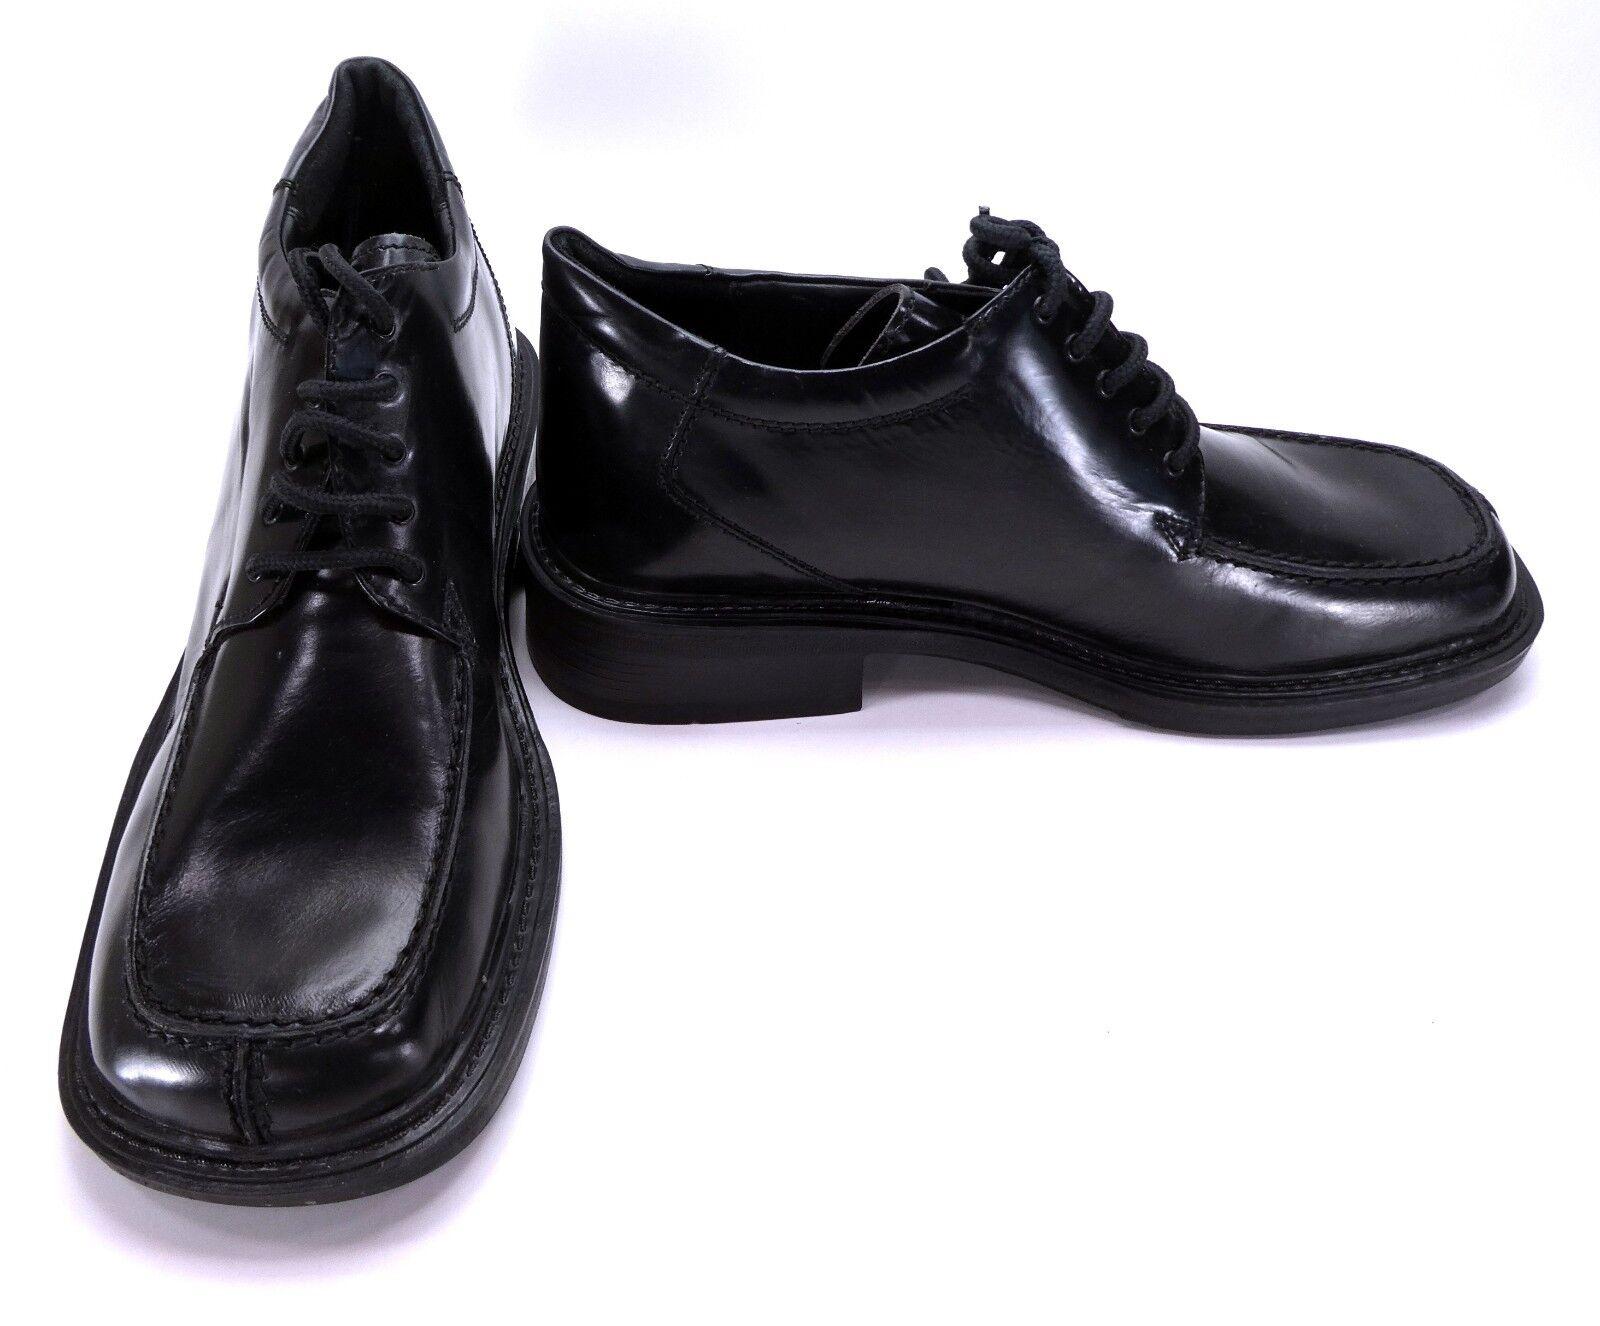 in vendita scontato del 70% Sergio Velez scarpe Leather Dress Business Style nero nero nero stivali Dimensione 11  prezzo ragionevole